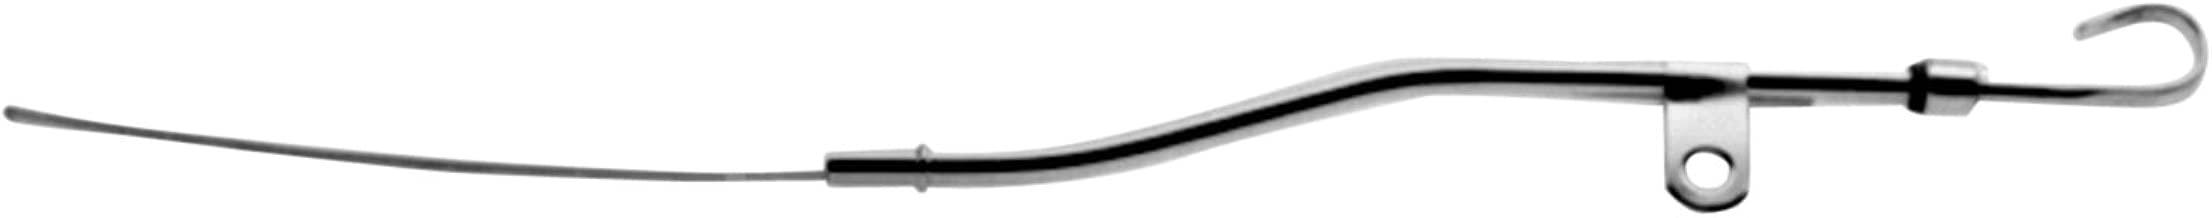 Proform 66184 Oil Dipstick and Tube Kit